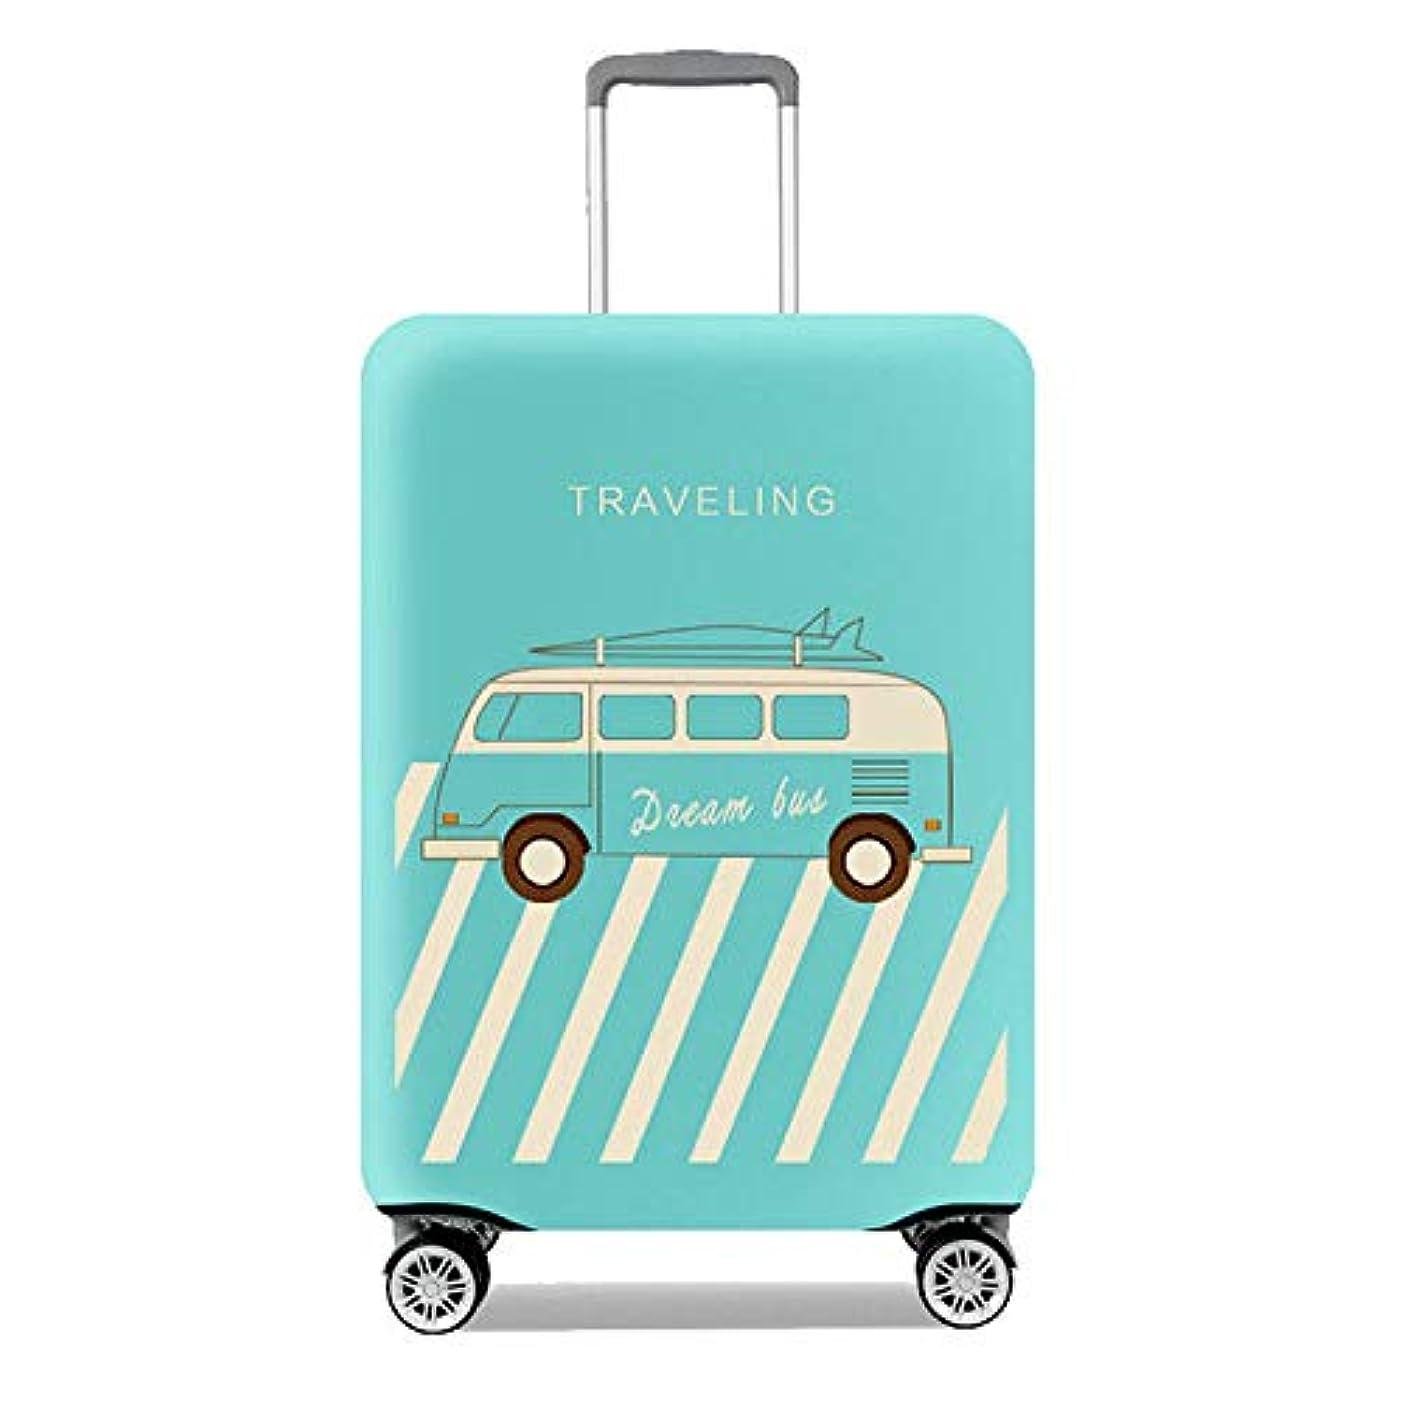 ヒューマニスティック手のひら大胆スーツケースカバー 伸縮弾性素材 トラベルダストカバー スーツケース保護カバー 通気性 傷防止 防塵カバー 1枚